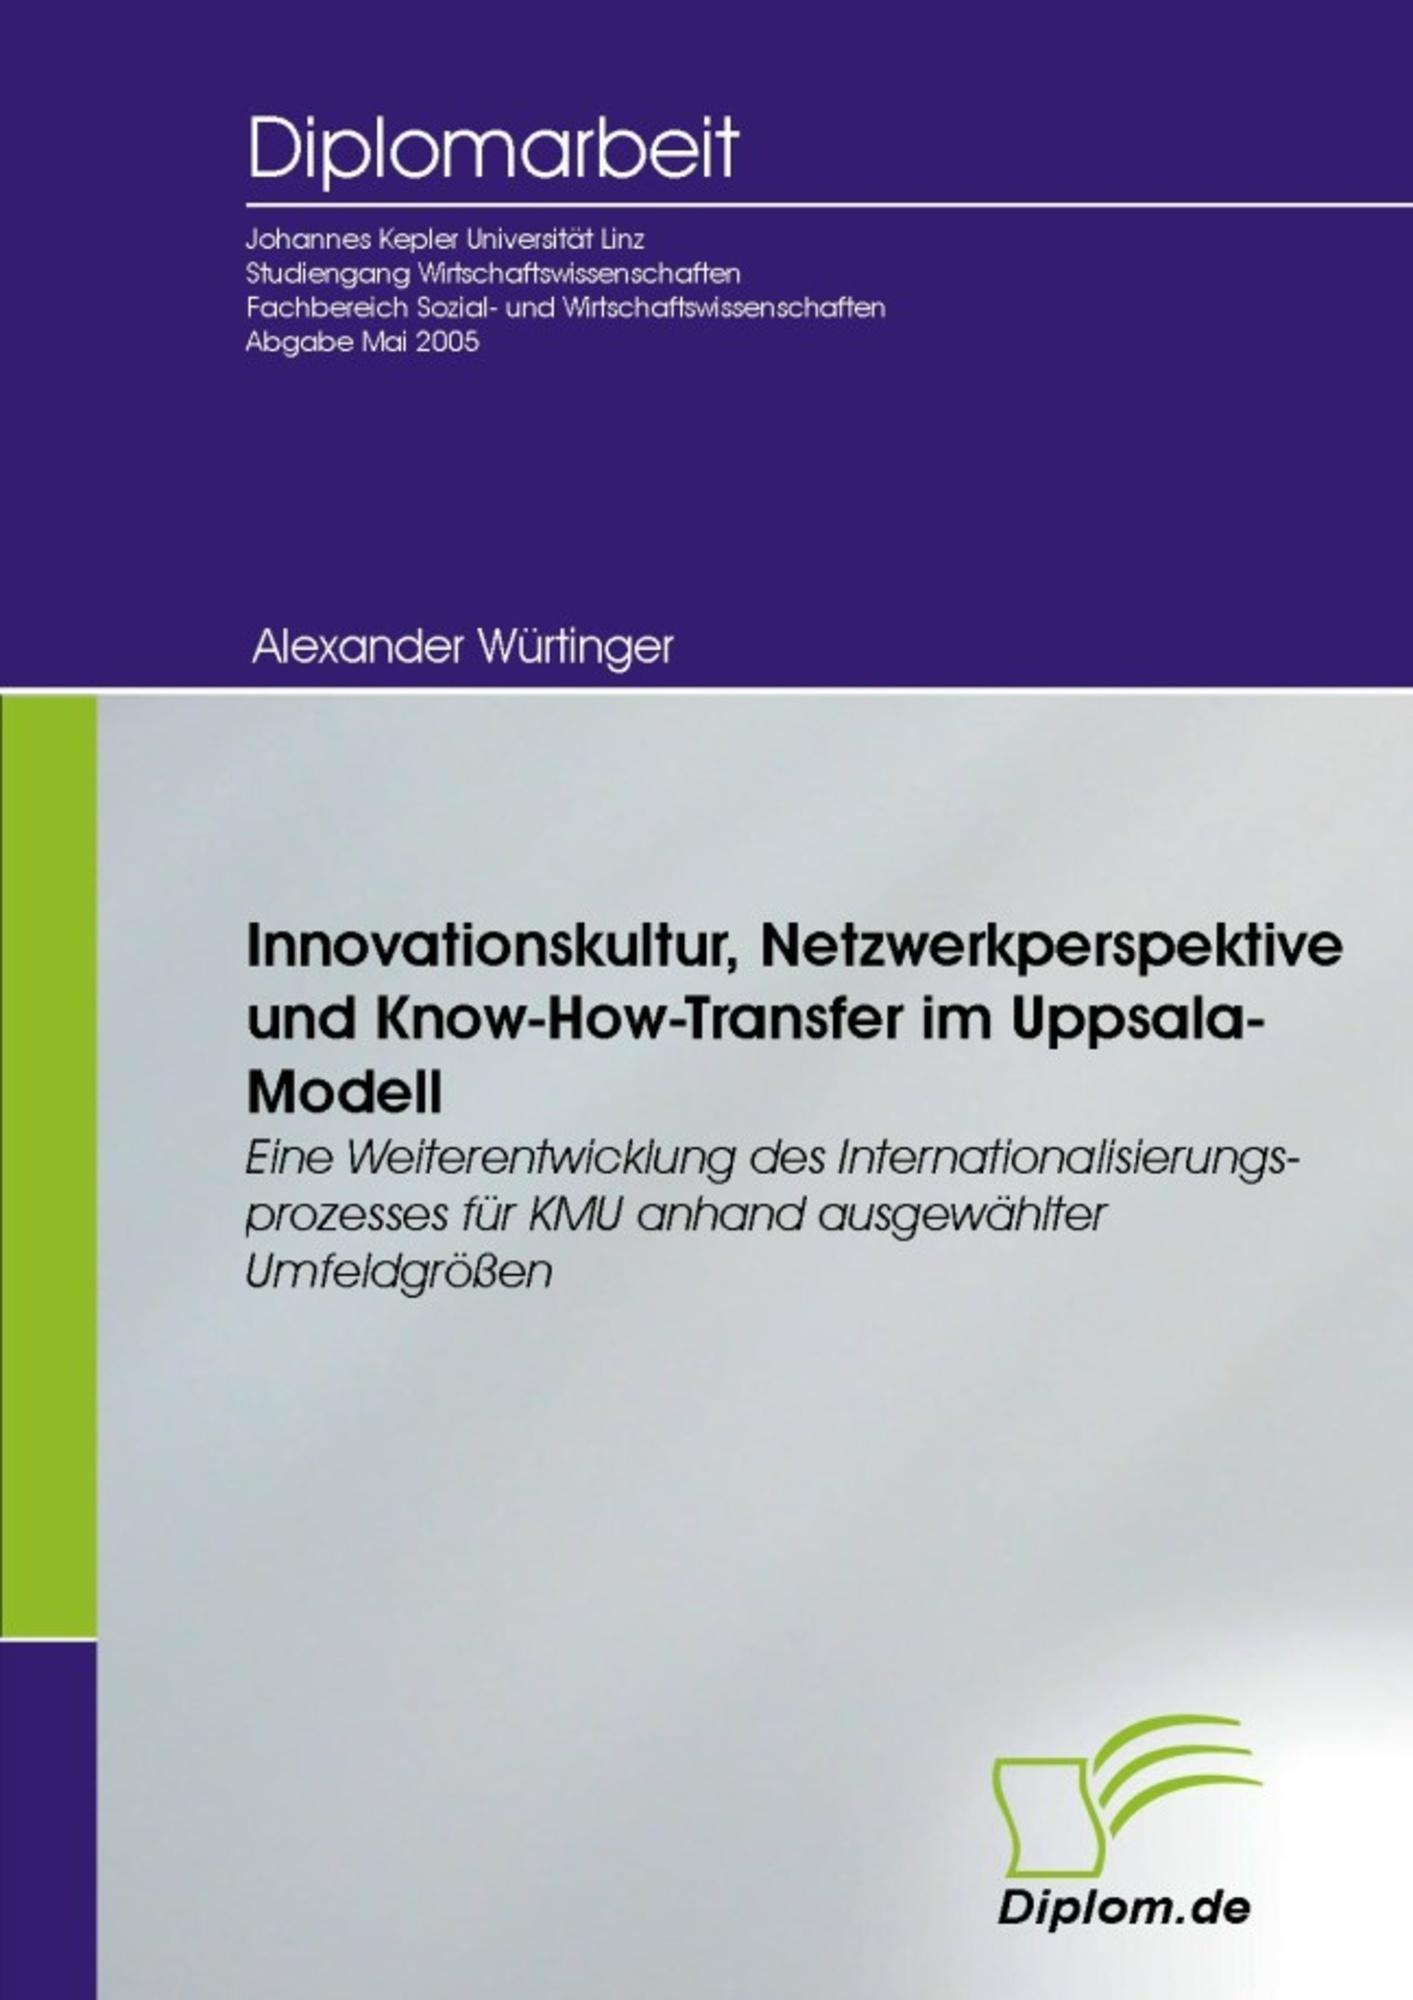 Innovationskultur netzwerkperspektive und know how transfer im innovationskultur netzwerkperspektive und know how transfer im fandeluxe Images